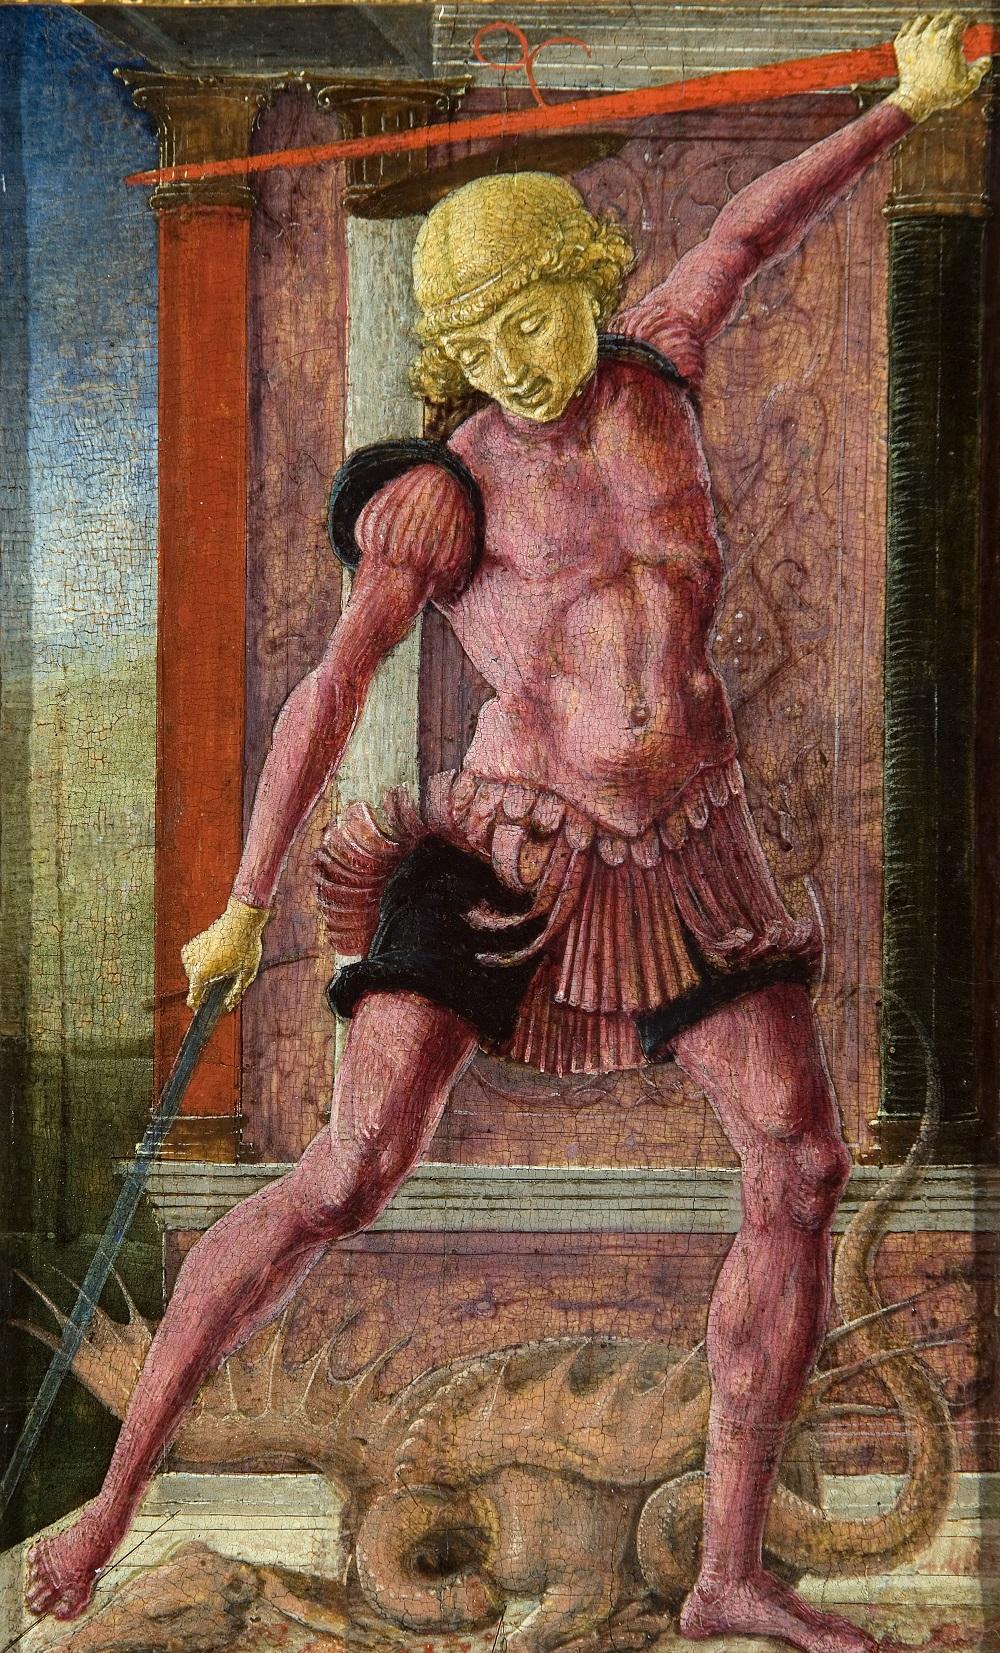 1460 TURA, Cosmè St George c. 1460 Panel, 22 x 13 cm Collezione Vittorio Cini, Venice.jpg